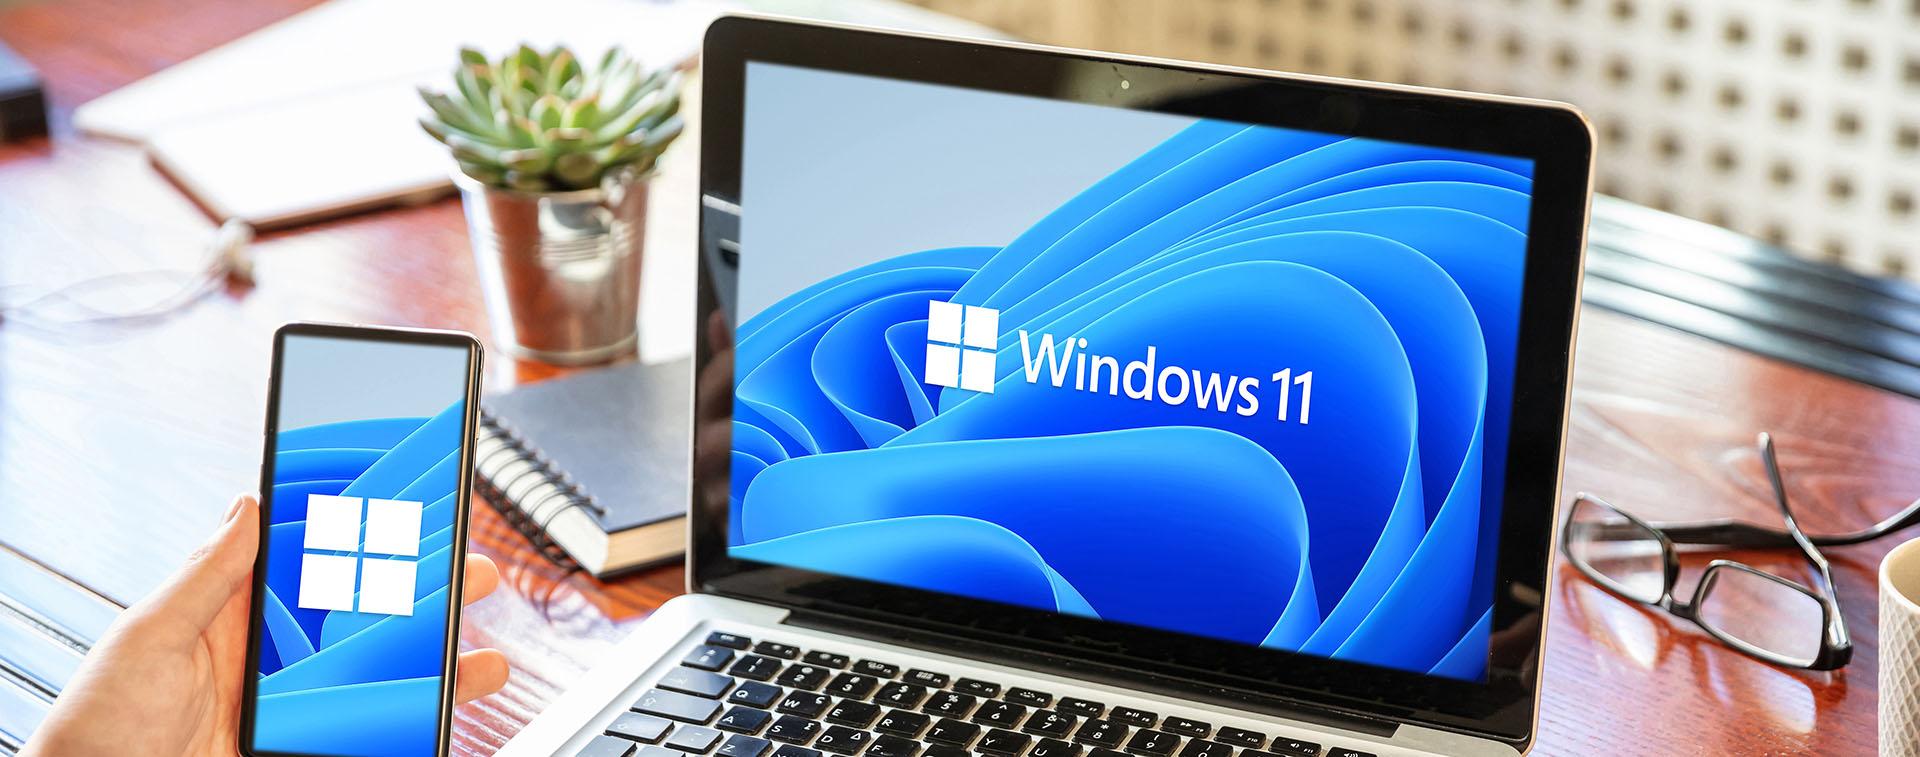 Votre ordinateur est-il compatible avec||Windows 11 ?